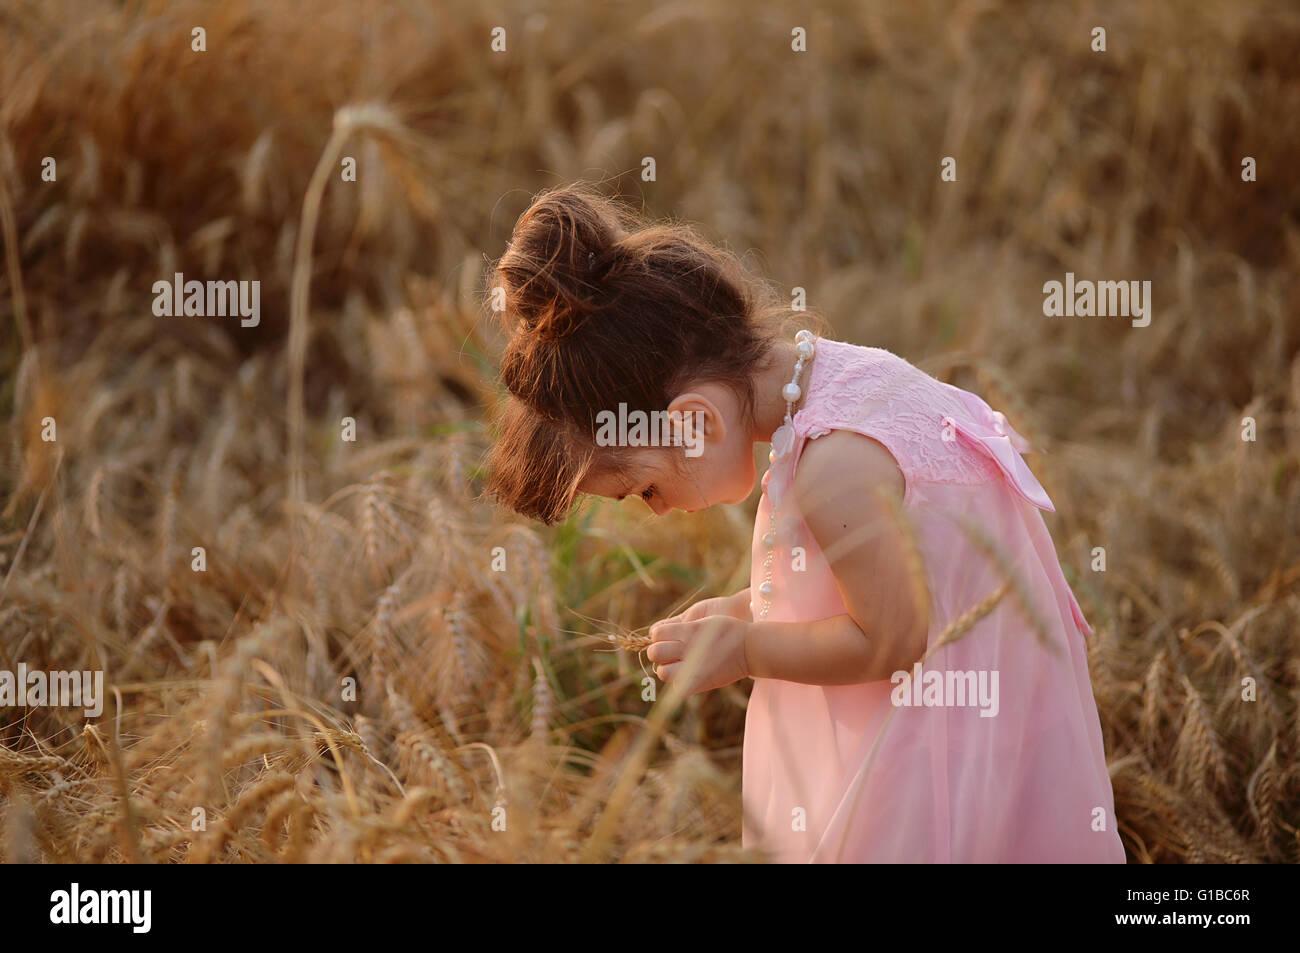 Niña en un vestido rosado se inclinó spikelets trigo. Imagen De Stock